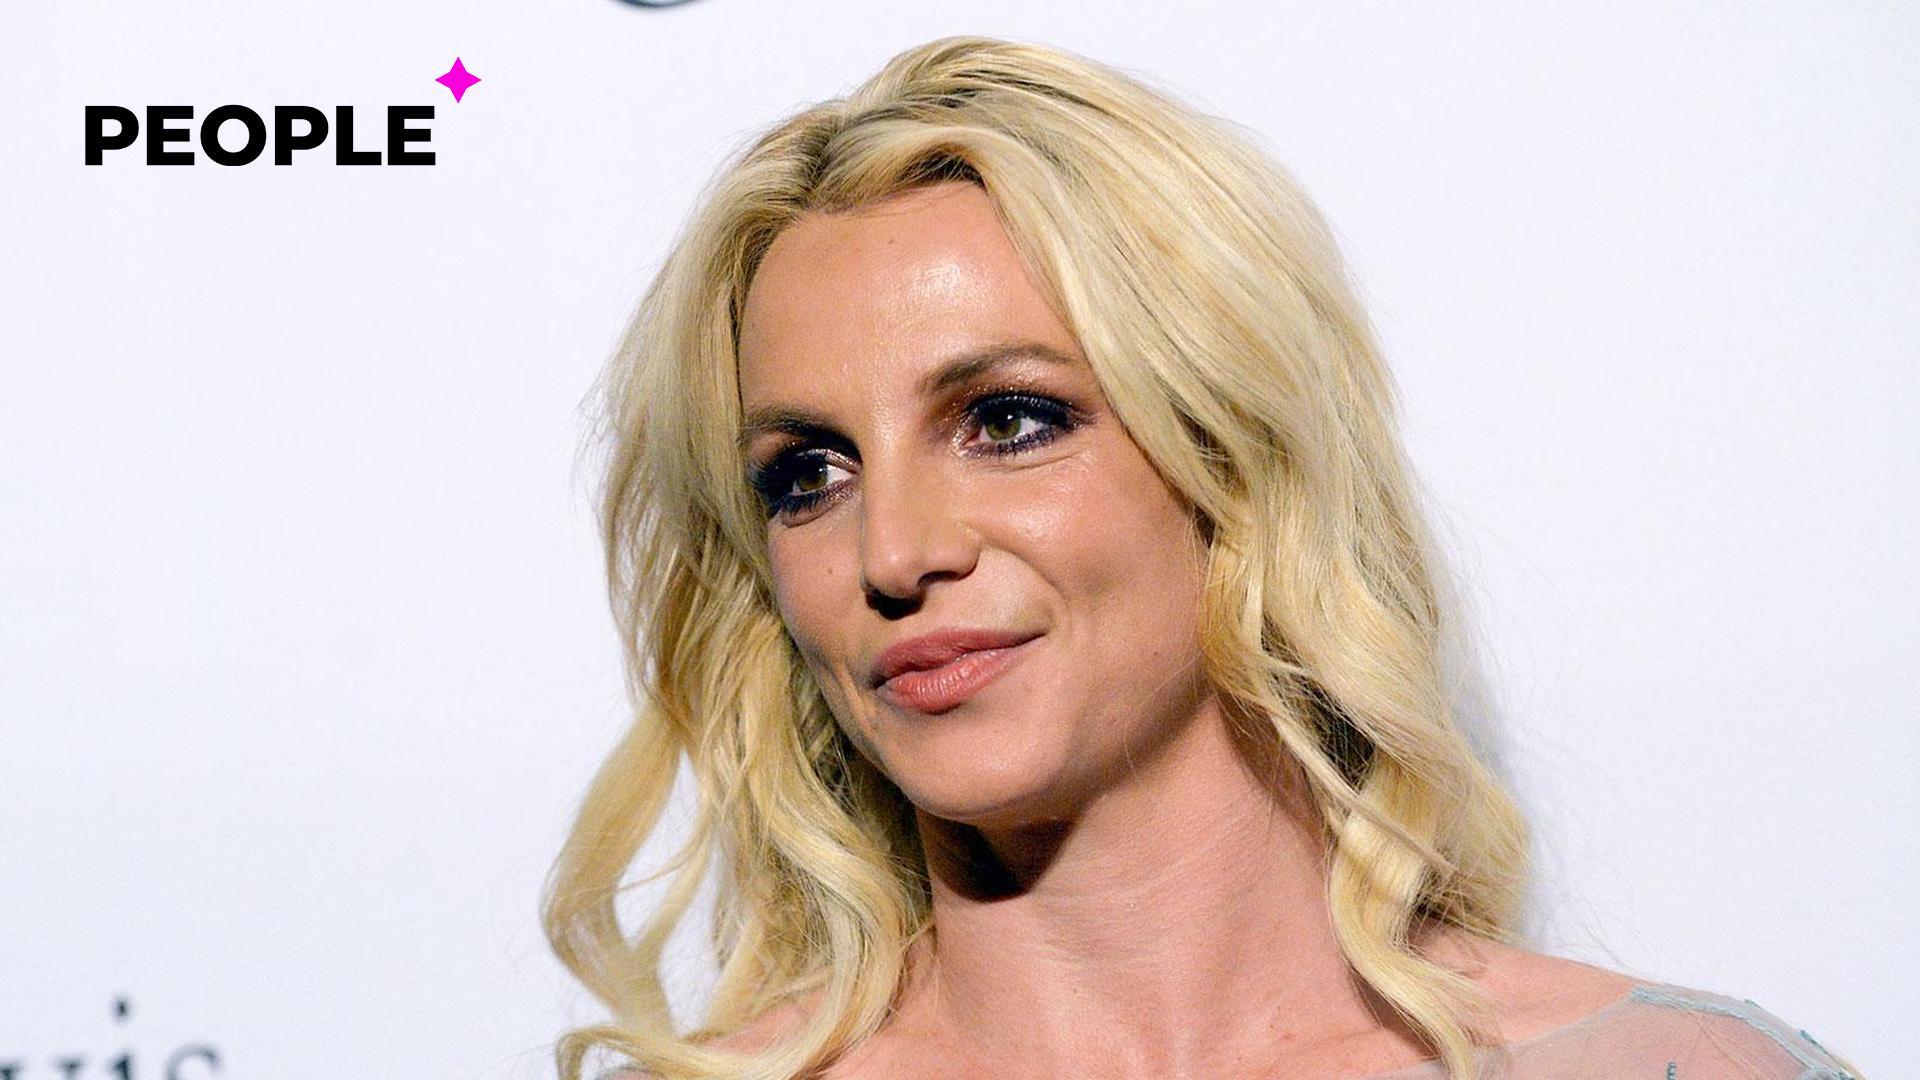 Бритни Спирс заподозрили во лжи по поводу опеки отца